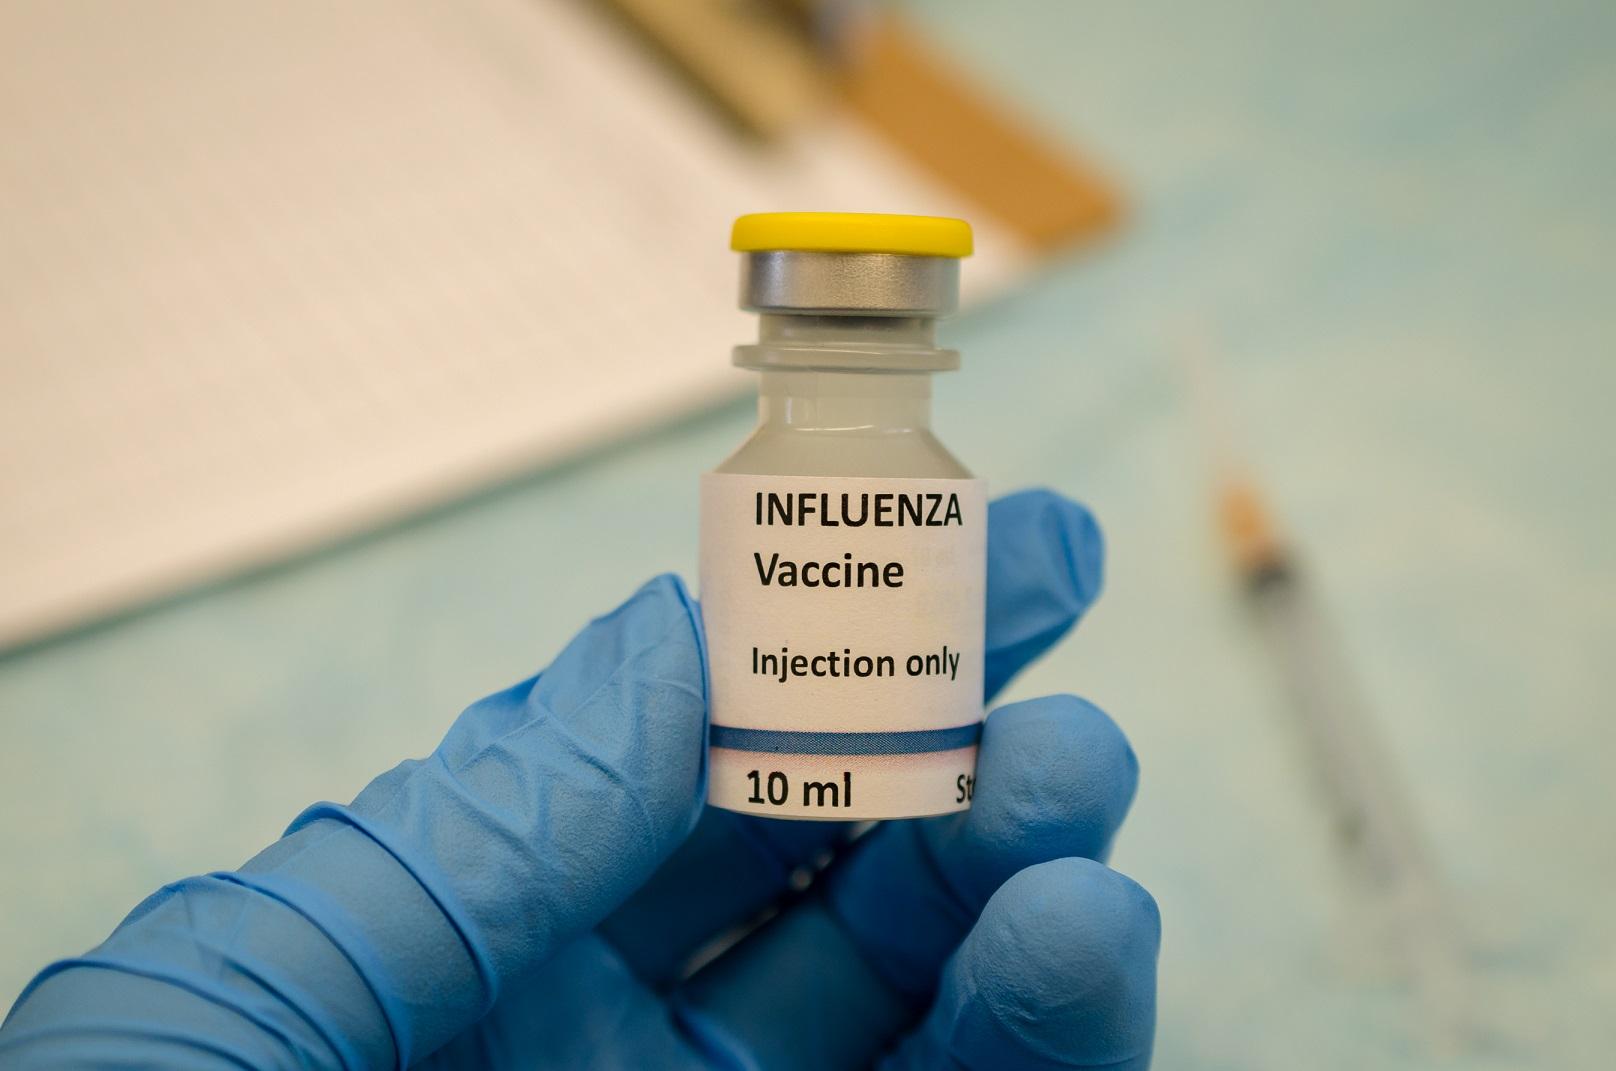 vial of influenza vaccine